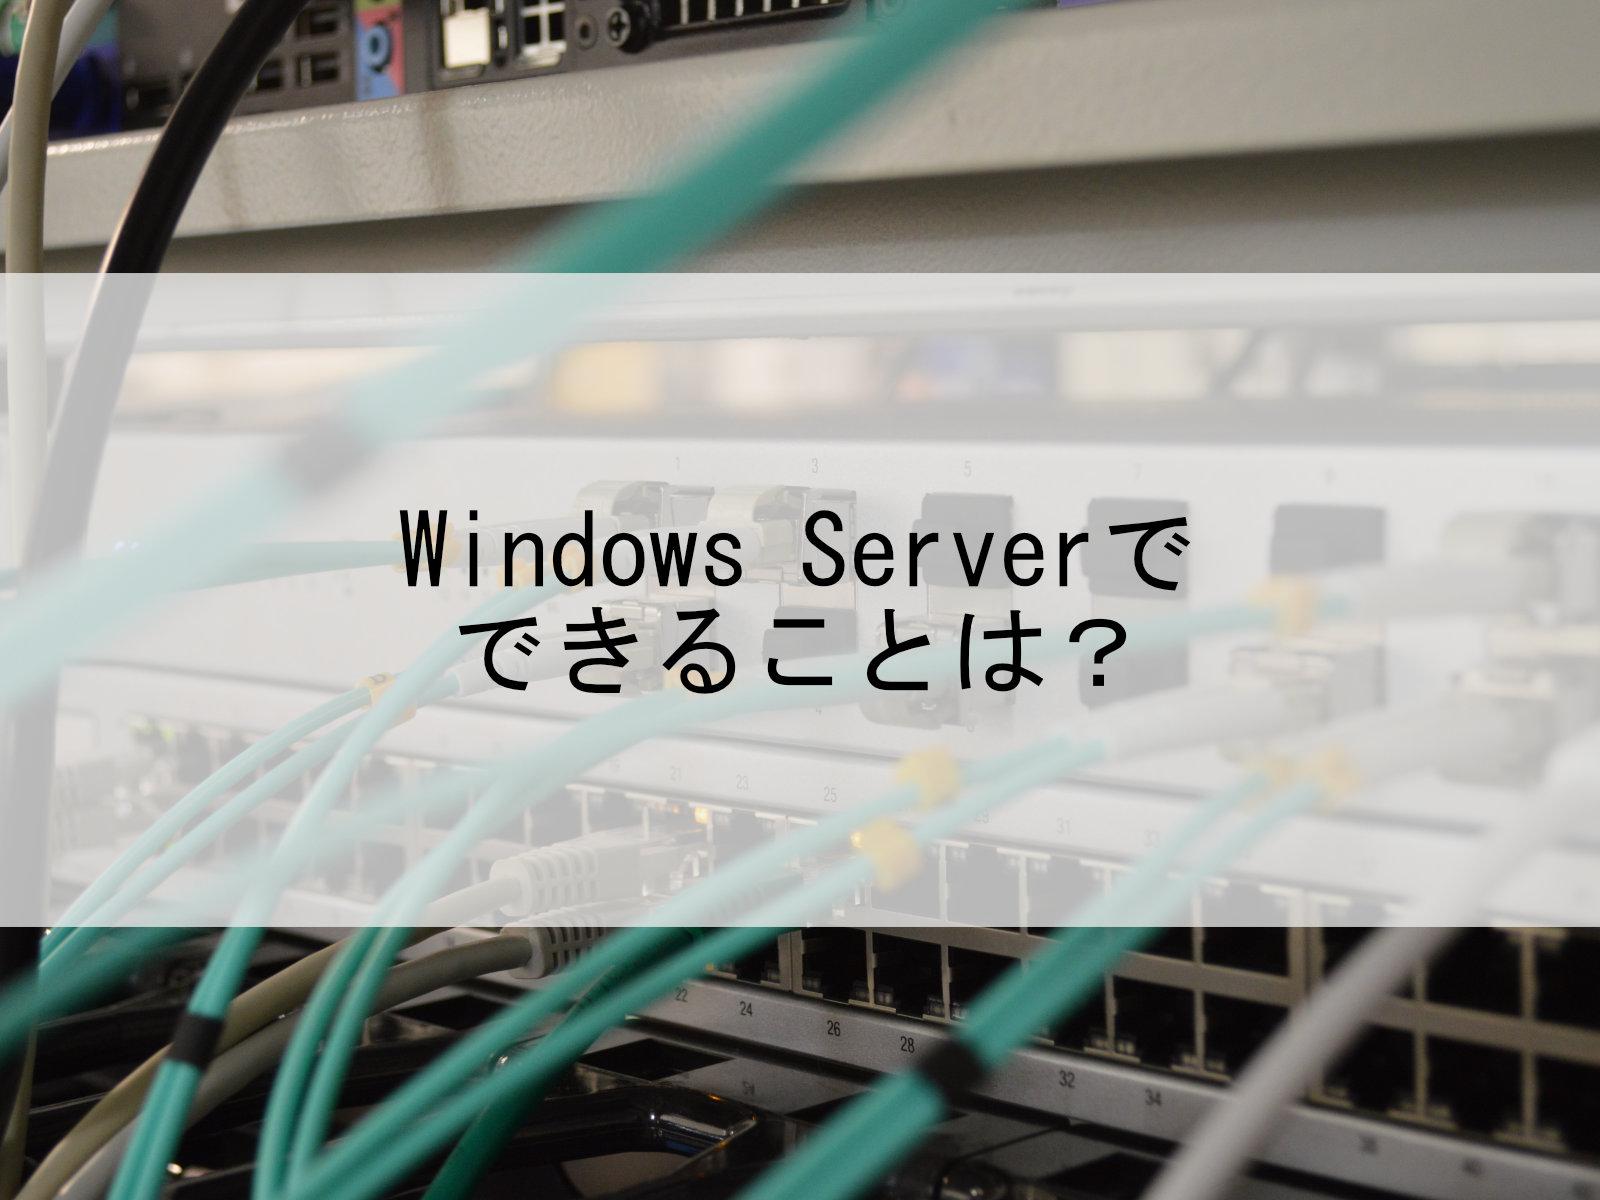 Windows Serverでできることは?